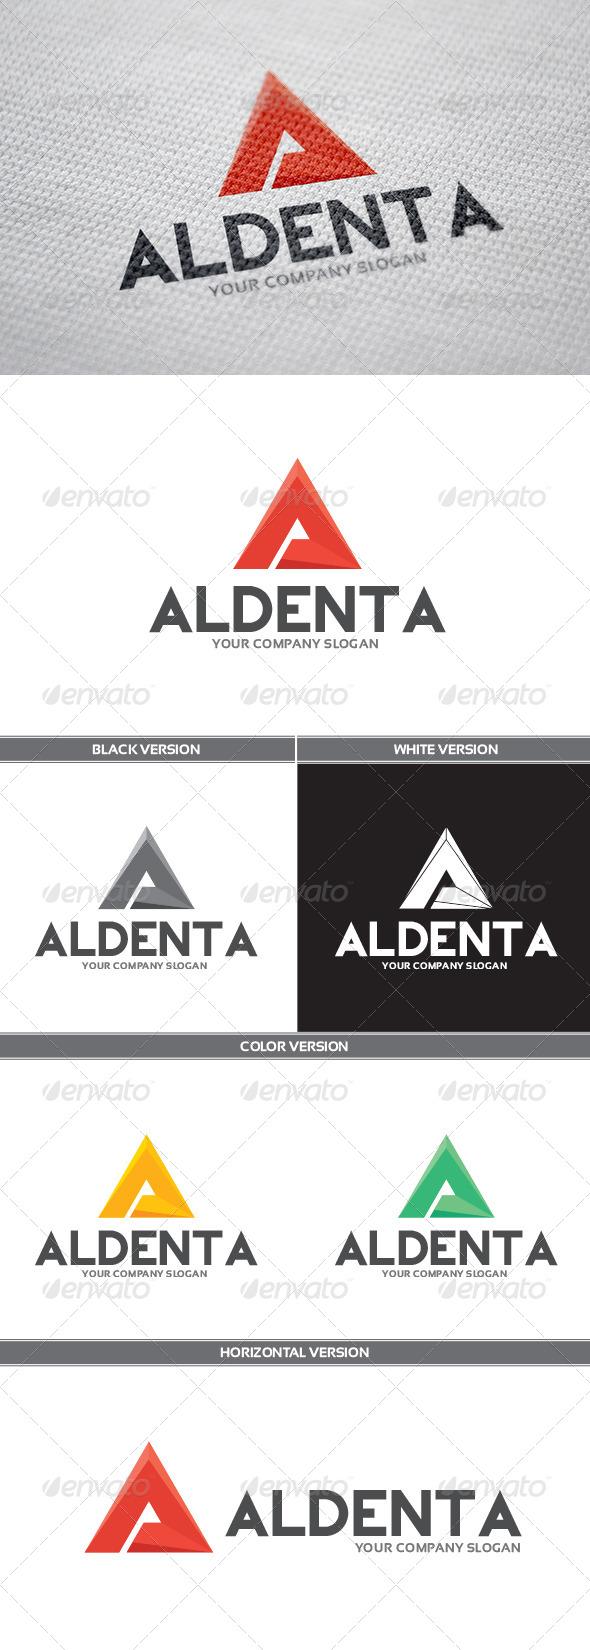 GraphicRiver Aldenta Logo 6784972